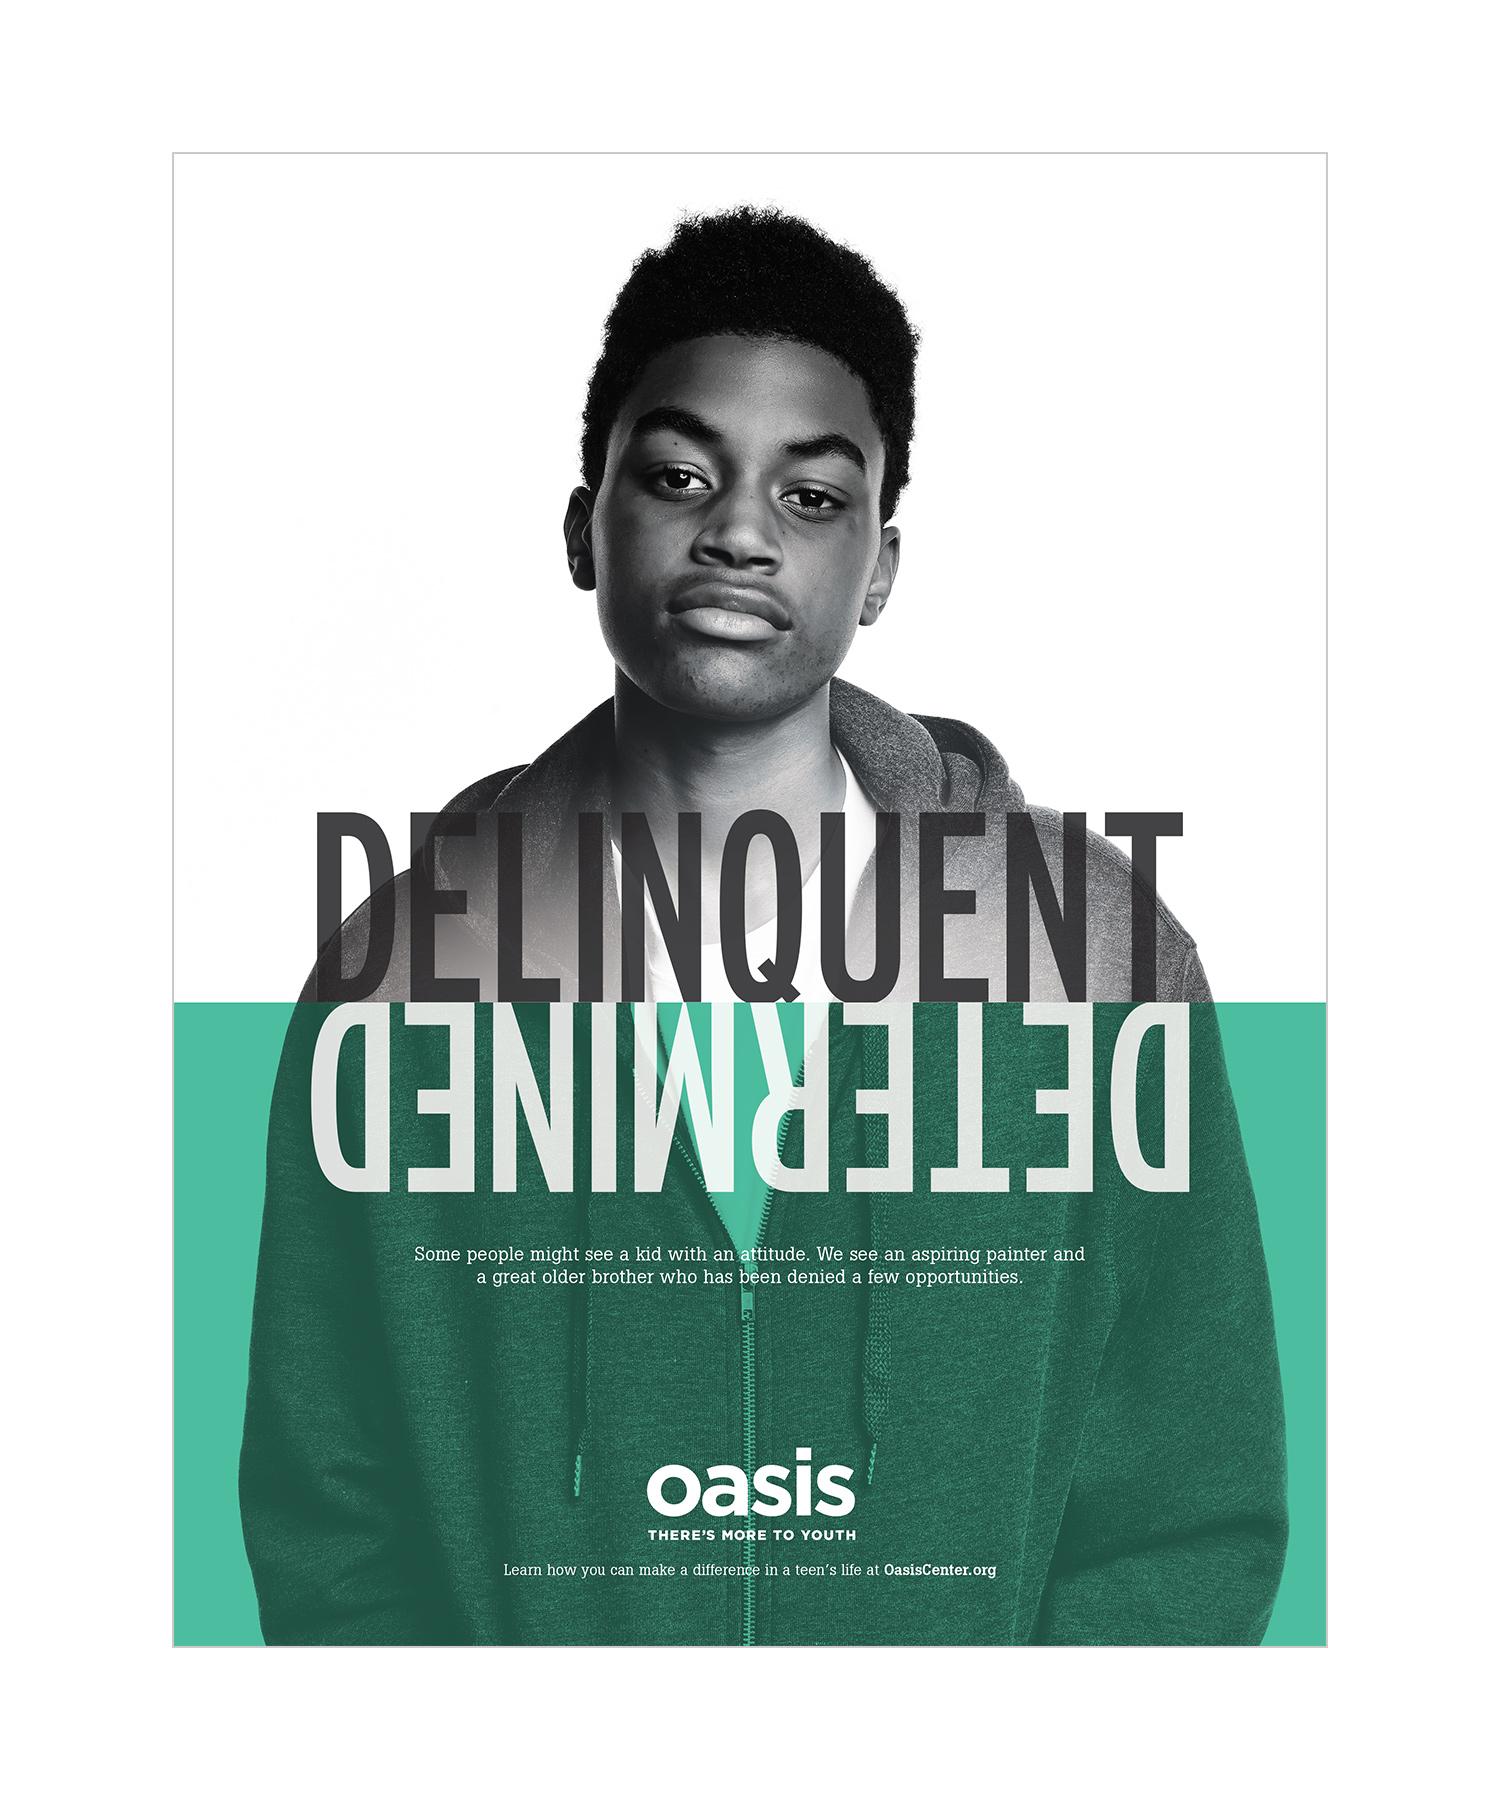 Oasis-2.jpg